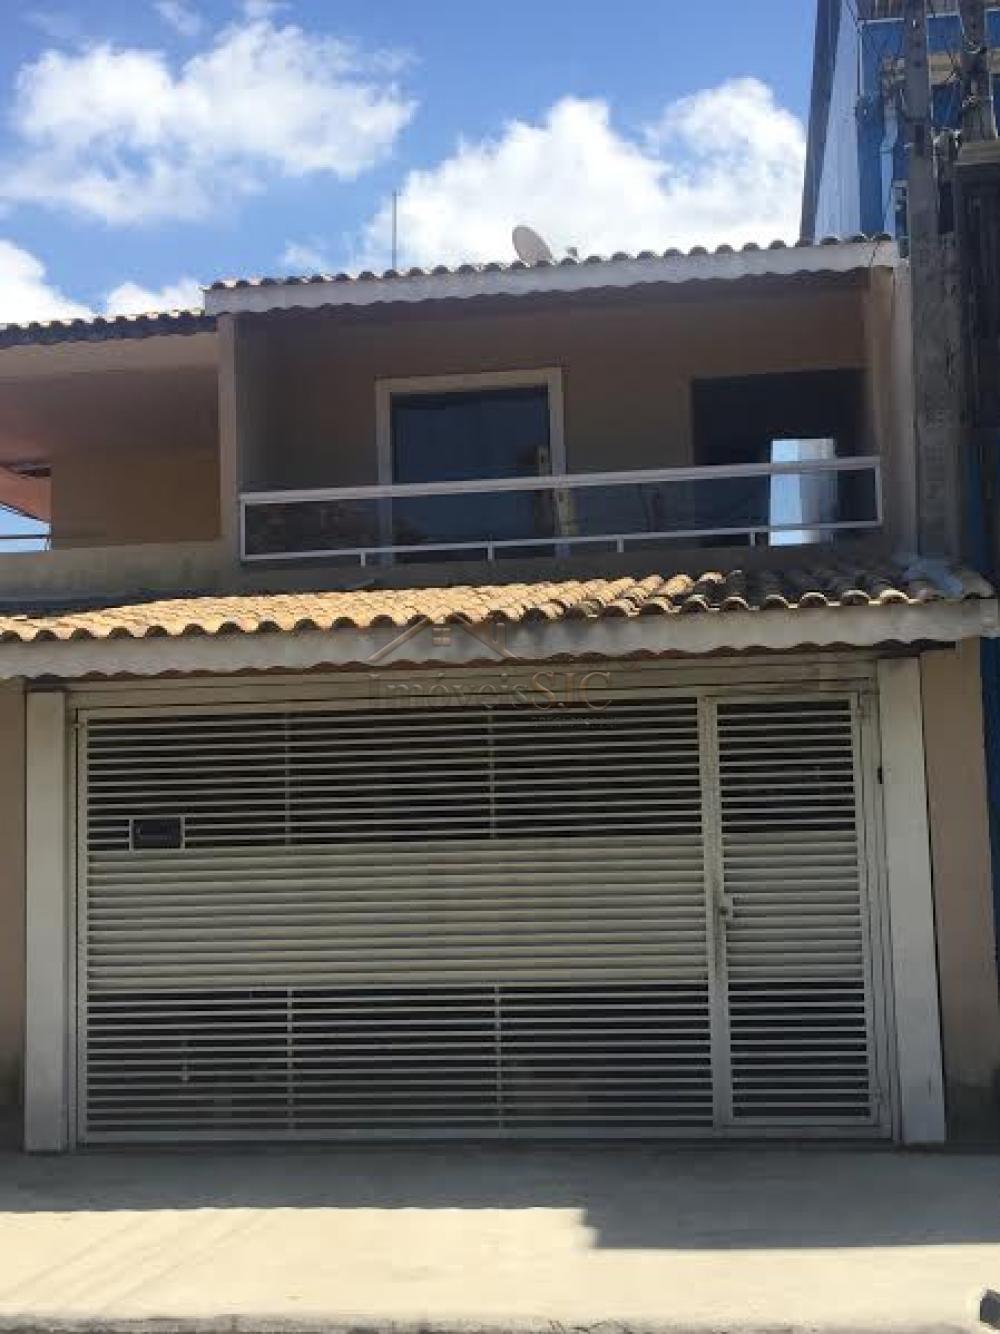 Comprar Casas / Padrão em São José dos Campos apenas R$ 340.000,00 - Foto 12